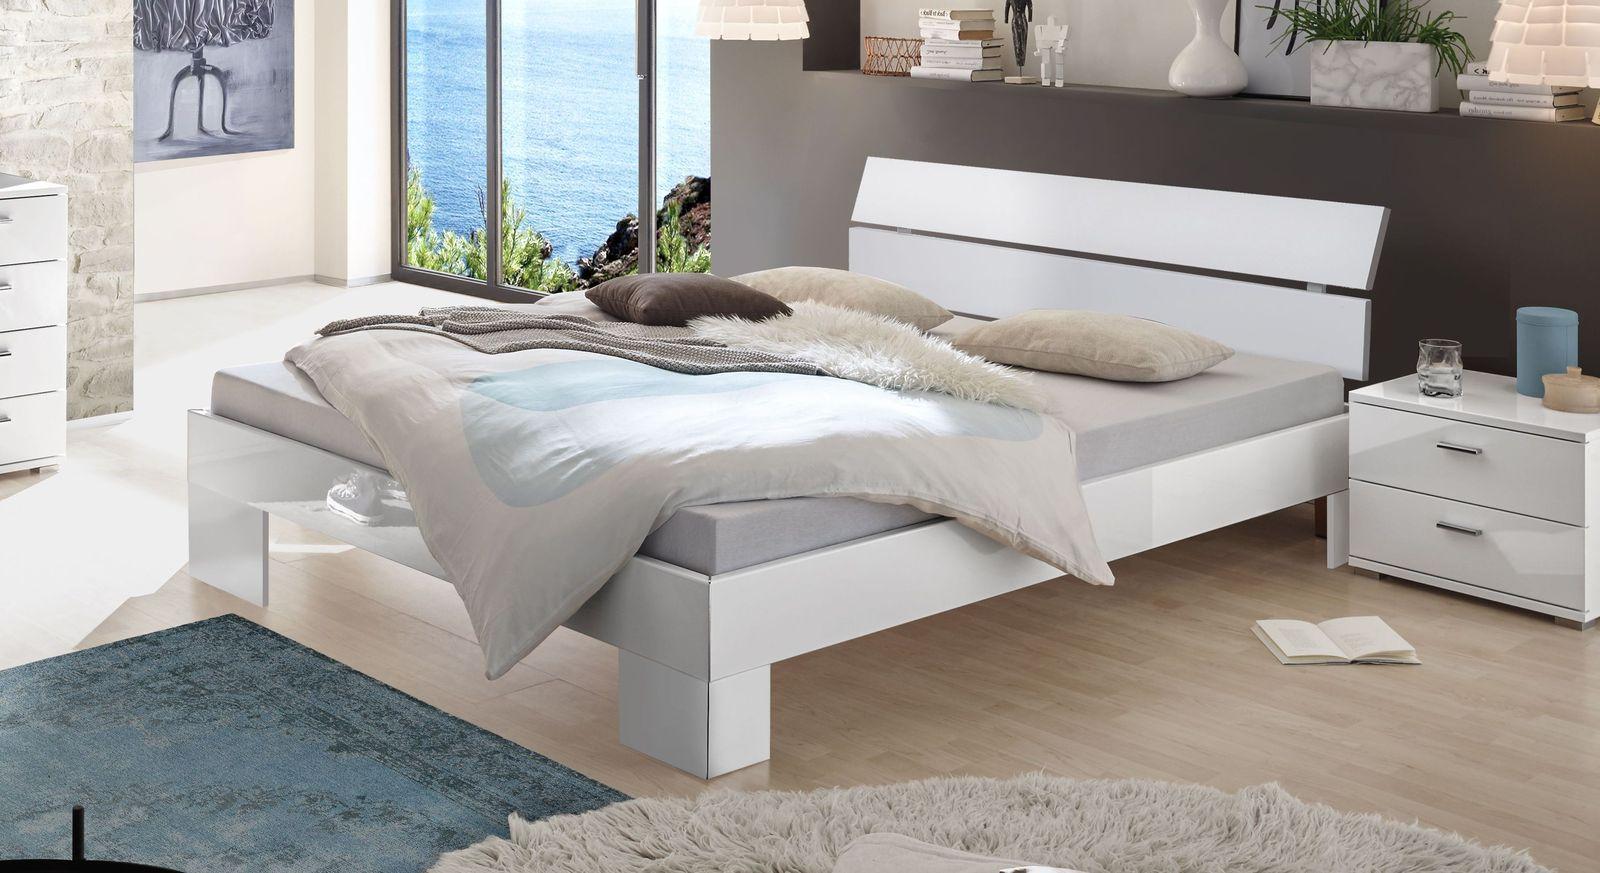 Bett Alamito mit zweigeteiltem Kopfteil